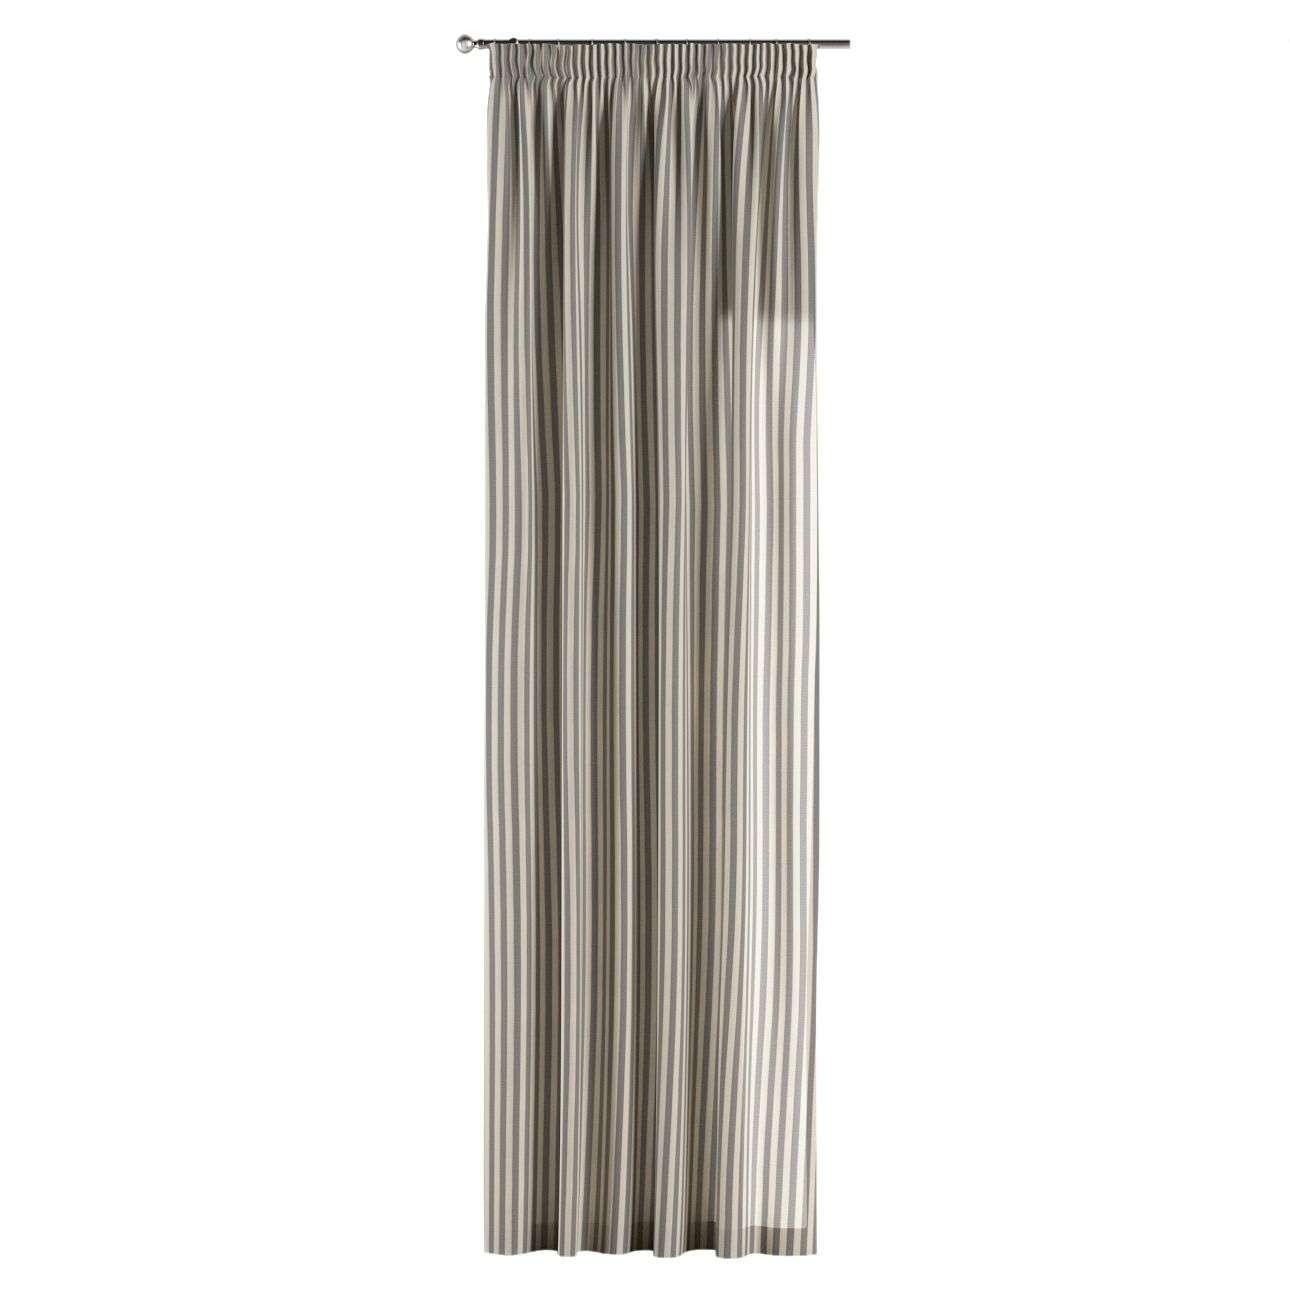 Závěs s řasící páskou 130 x 260 cm v kolekci Quadro, látka: 136-02